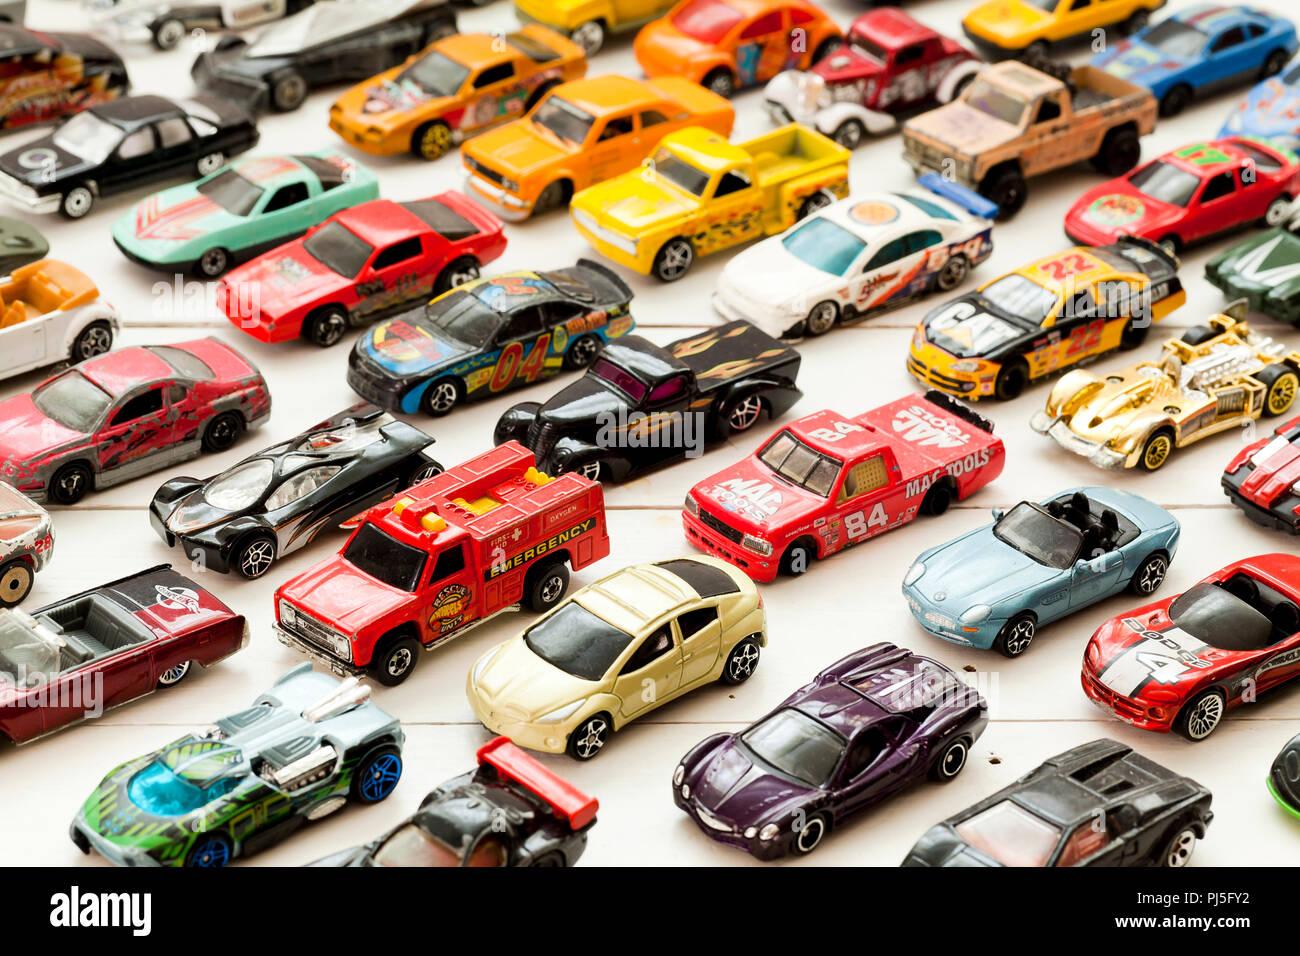 Vintage, utilizzate le Hot Wheels collezione sulla tabella - USA Immagini Stock